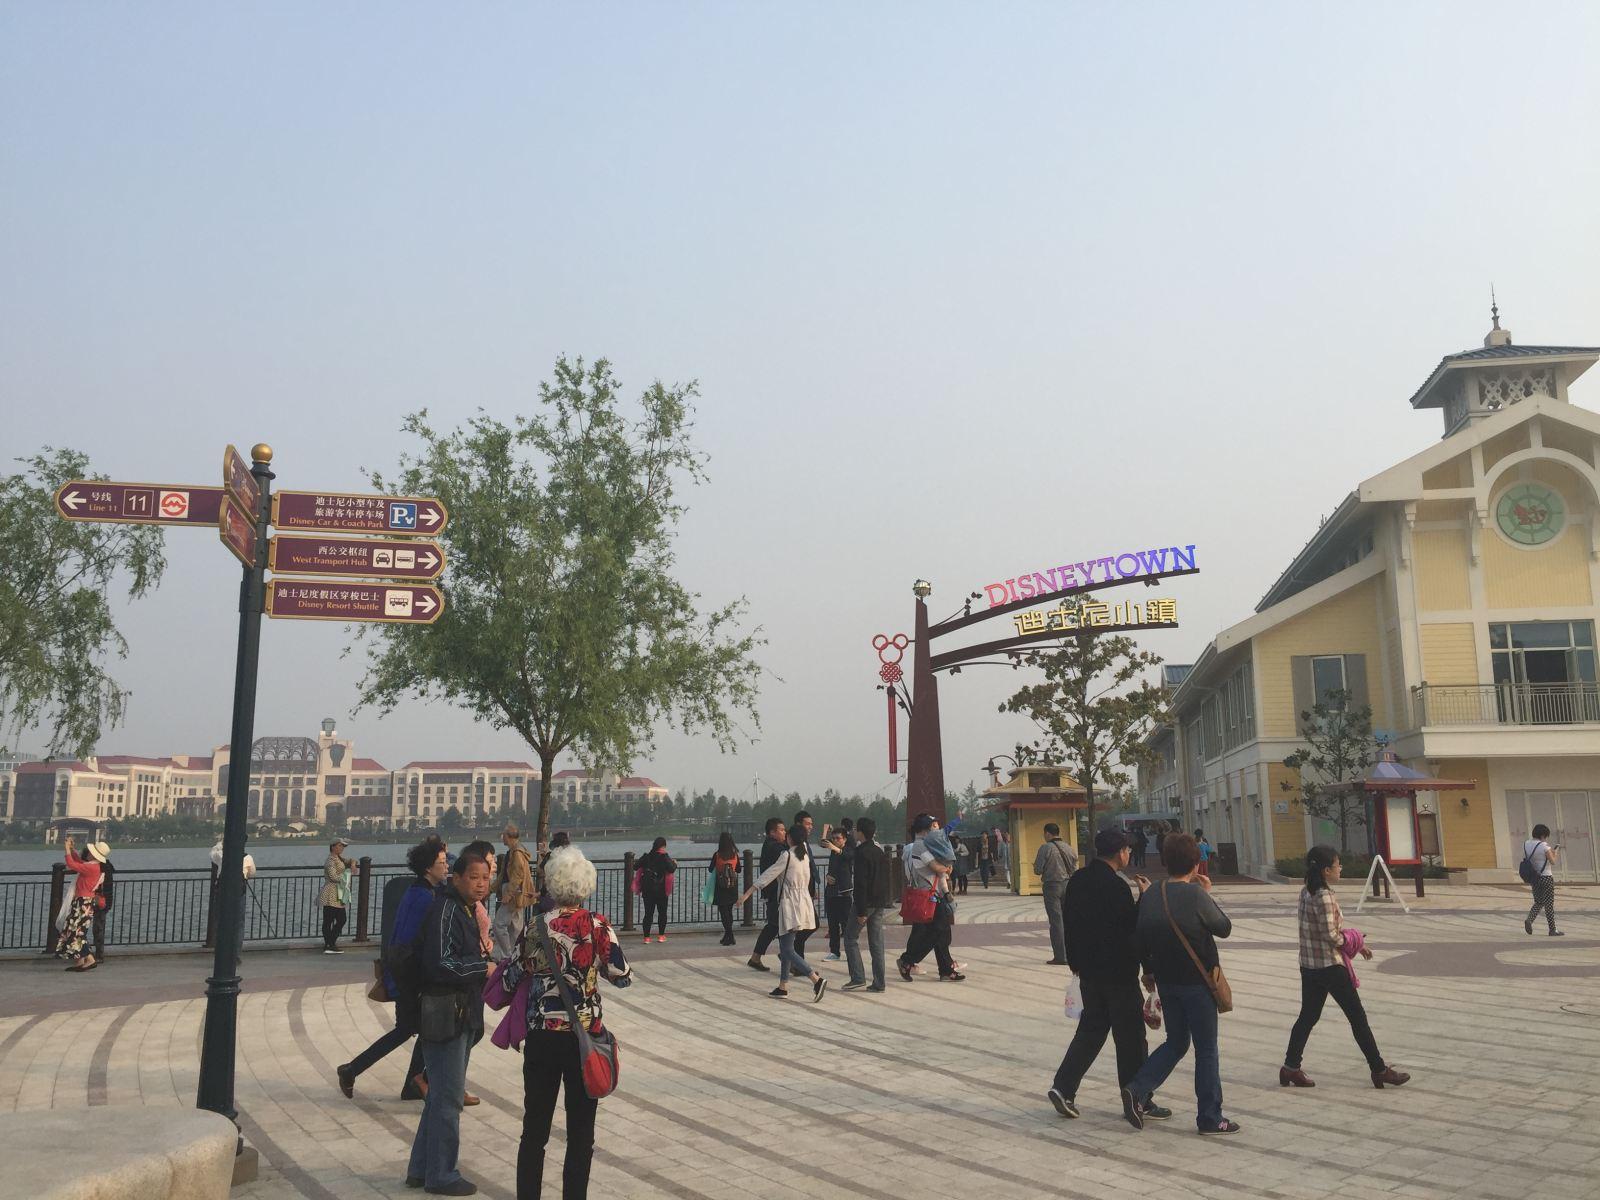 上海迪士尼小镇五一人气爆棚!米奇风景抢鲜看